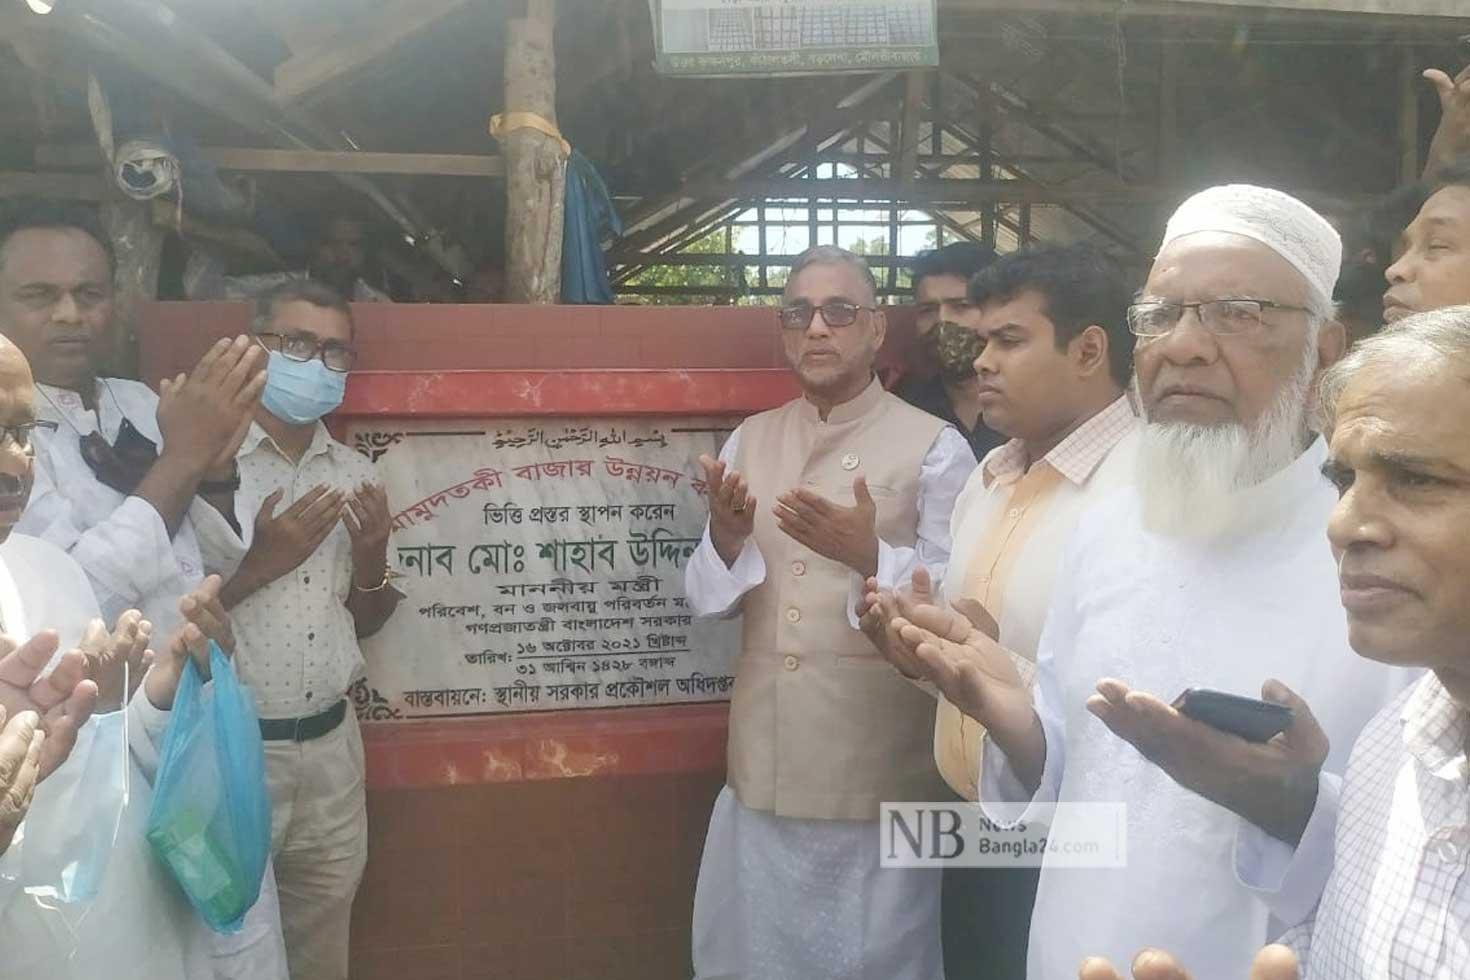 কুমিল্লার ঘটনায় জড়িতদের খুঁজে বের করা হবে: পরিবেশমন্ত্রী